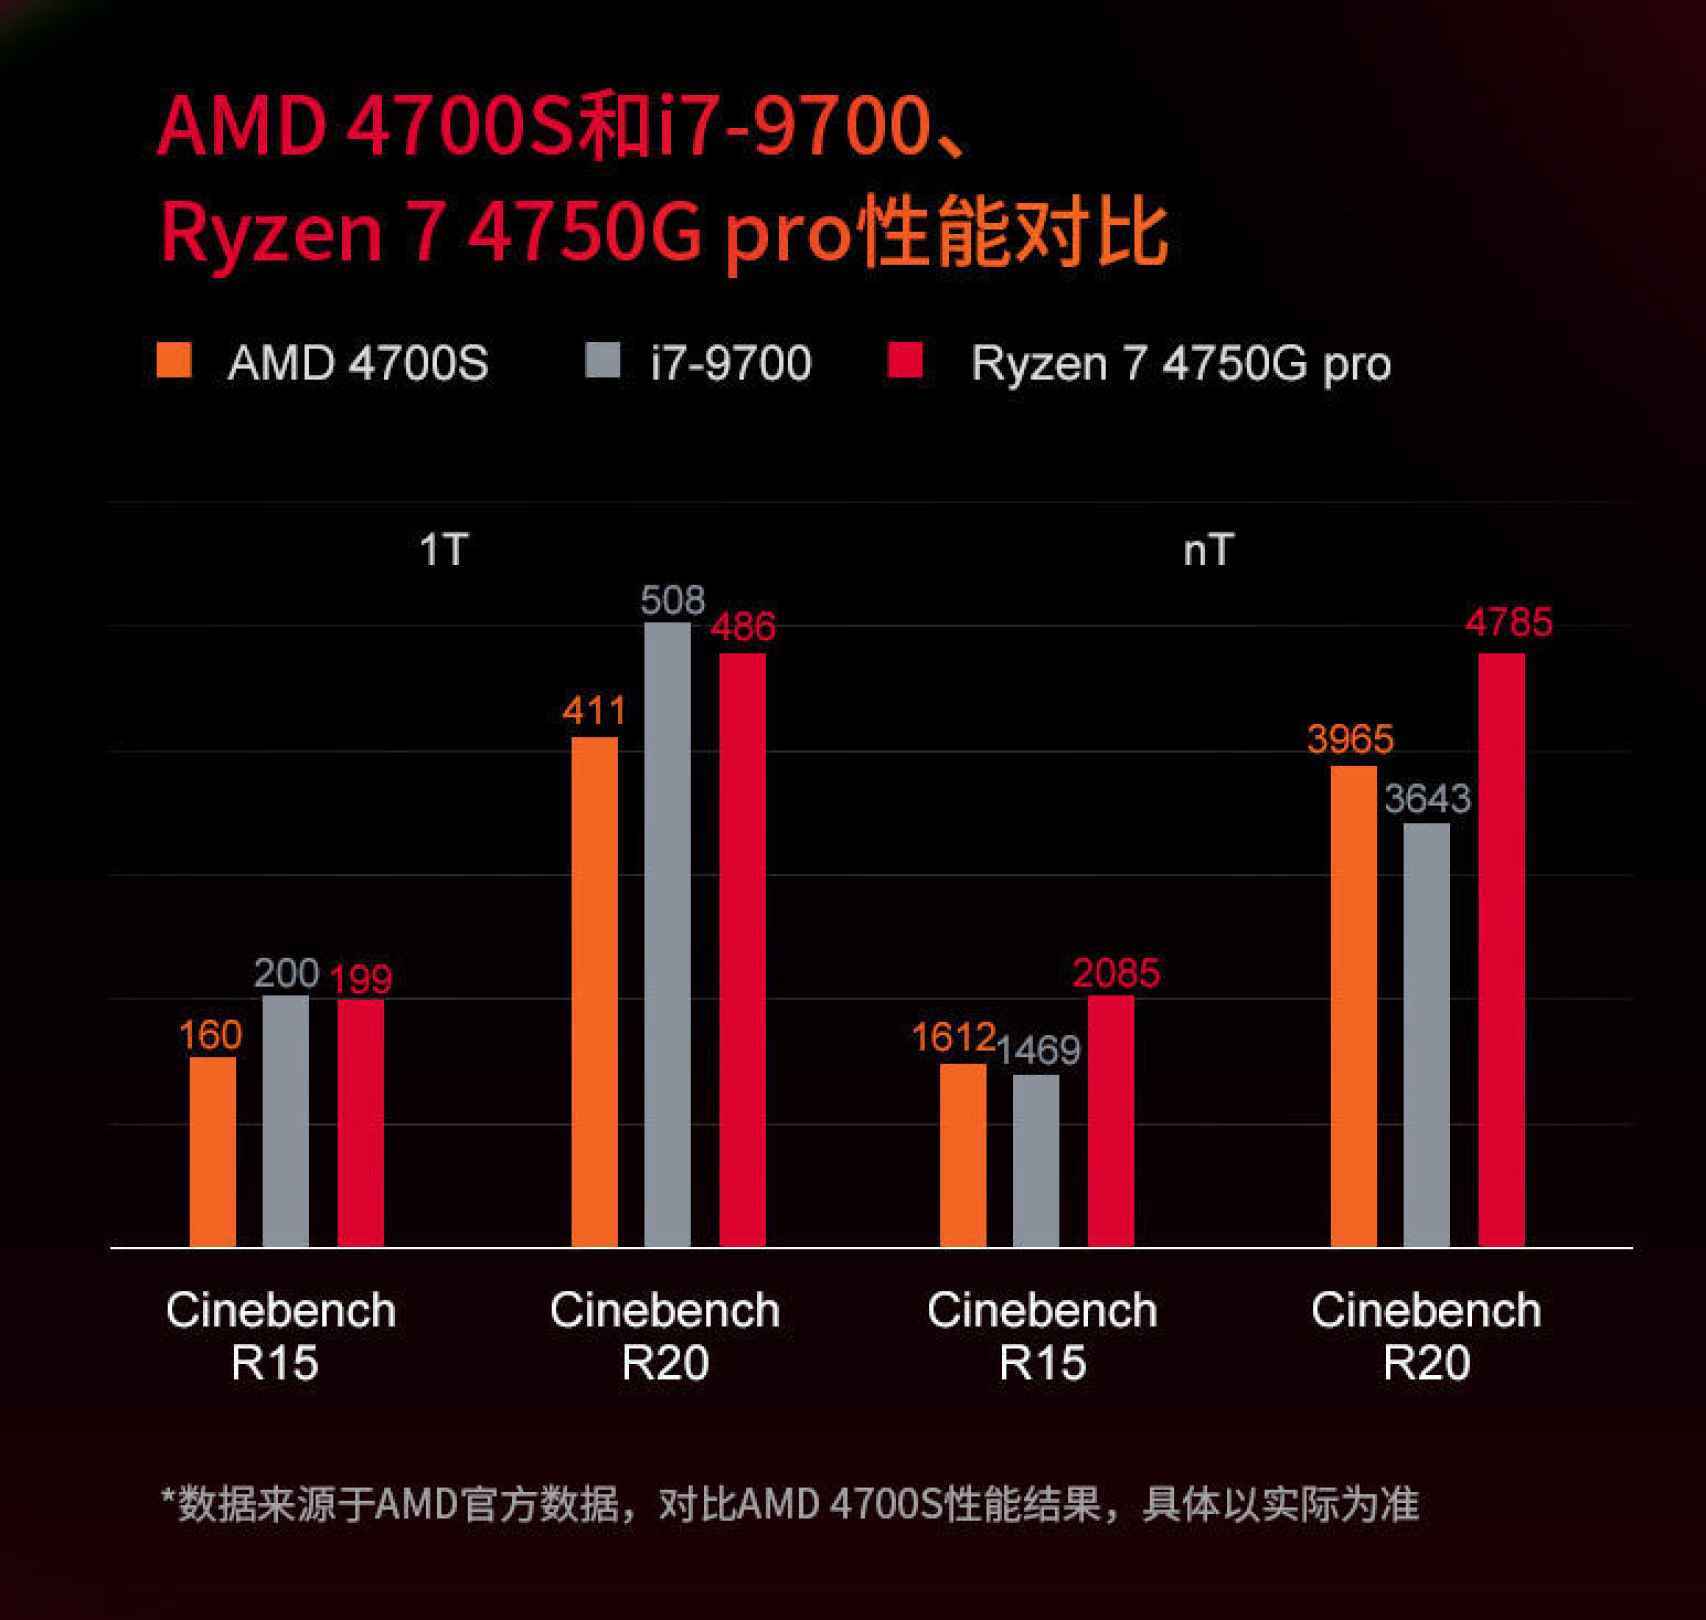 Posible rendimiento del AMD 4700S